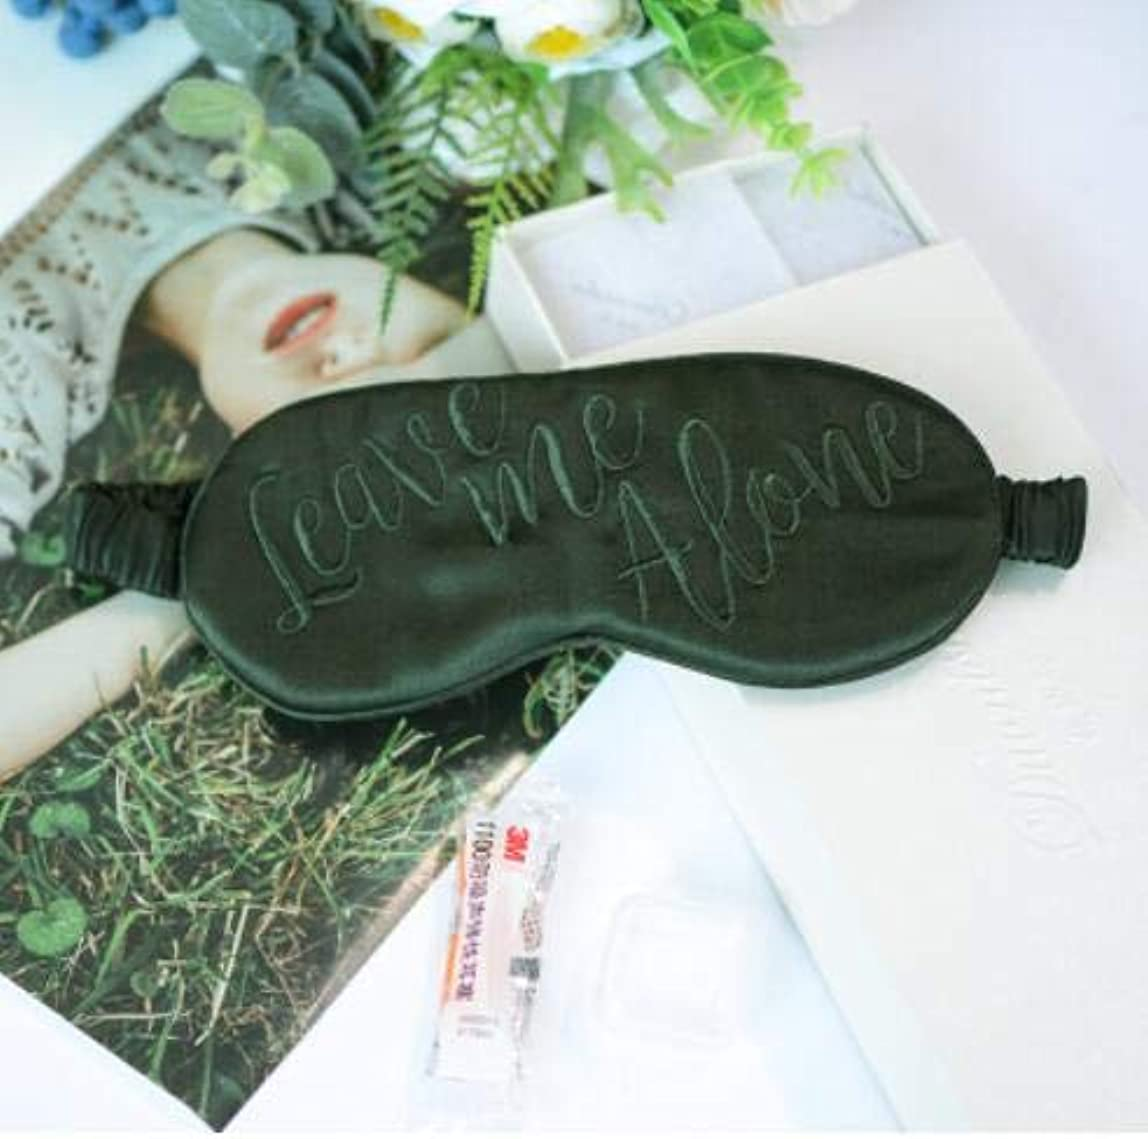 上へアリス方法NOTE シルクアイマスク100%マルベリーシルク通気性アイシェード睡眠マスク